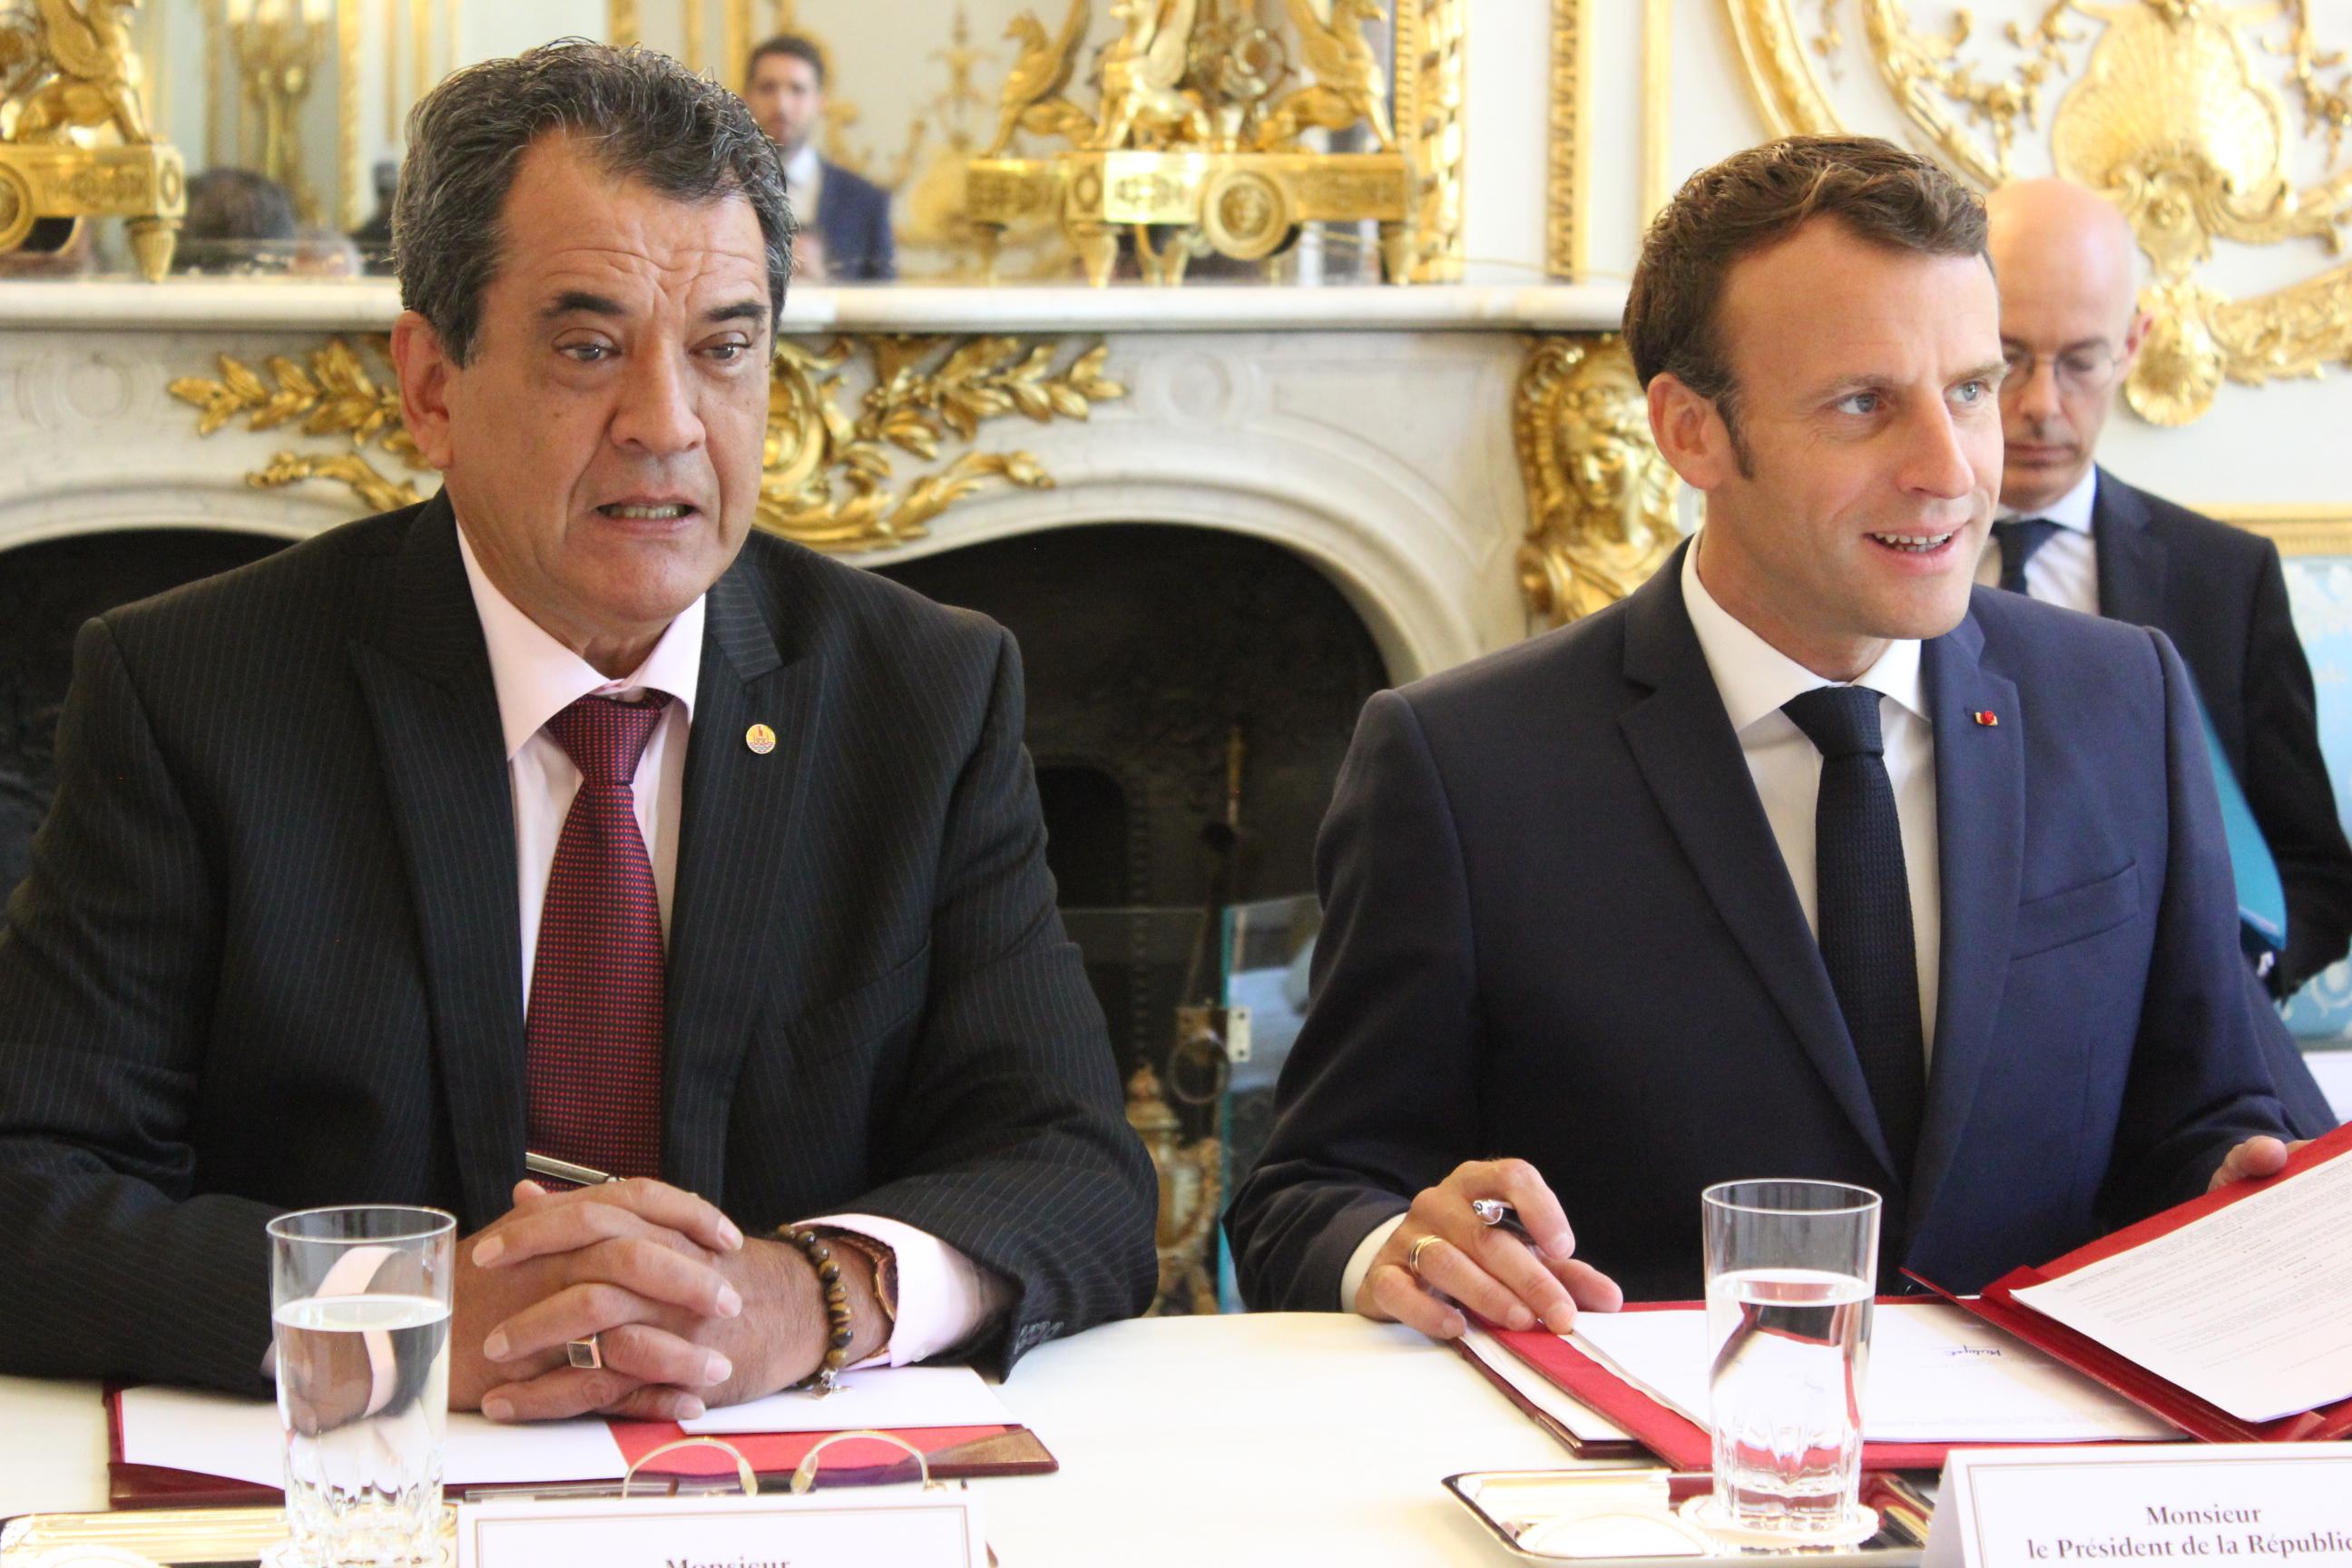 Polynésie : Emmanuel Macron, 1er président de la République aux îles Marquises ?